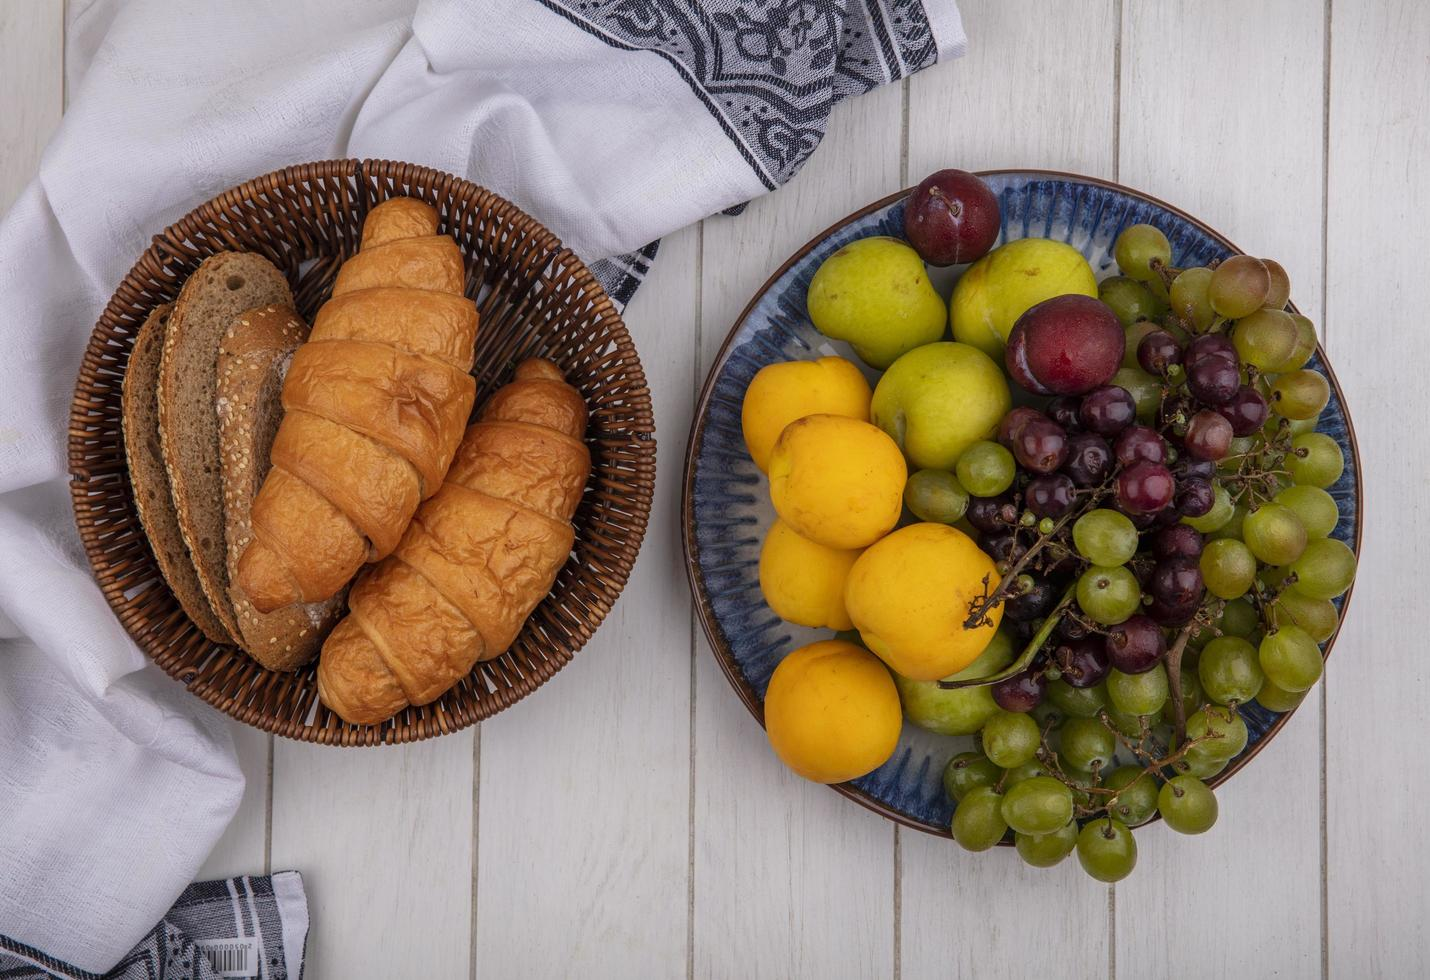 fruit en brood op doek op houten achtergrond foto